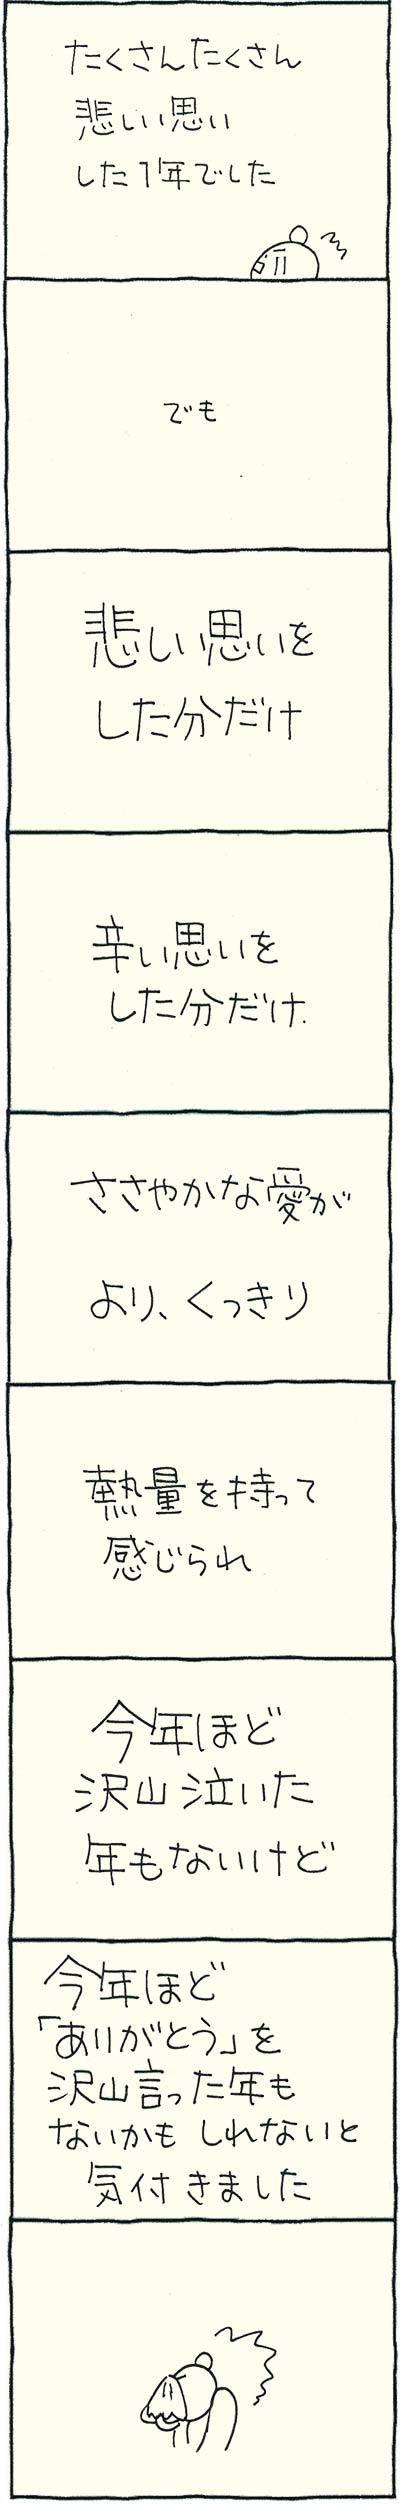 161228_05.jpg